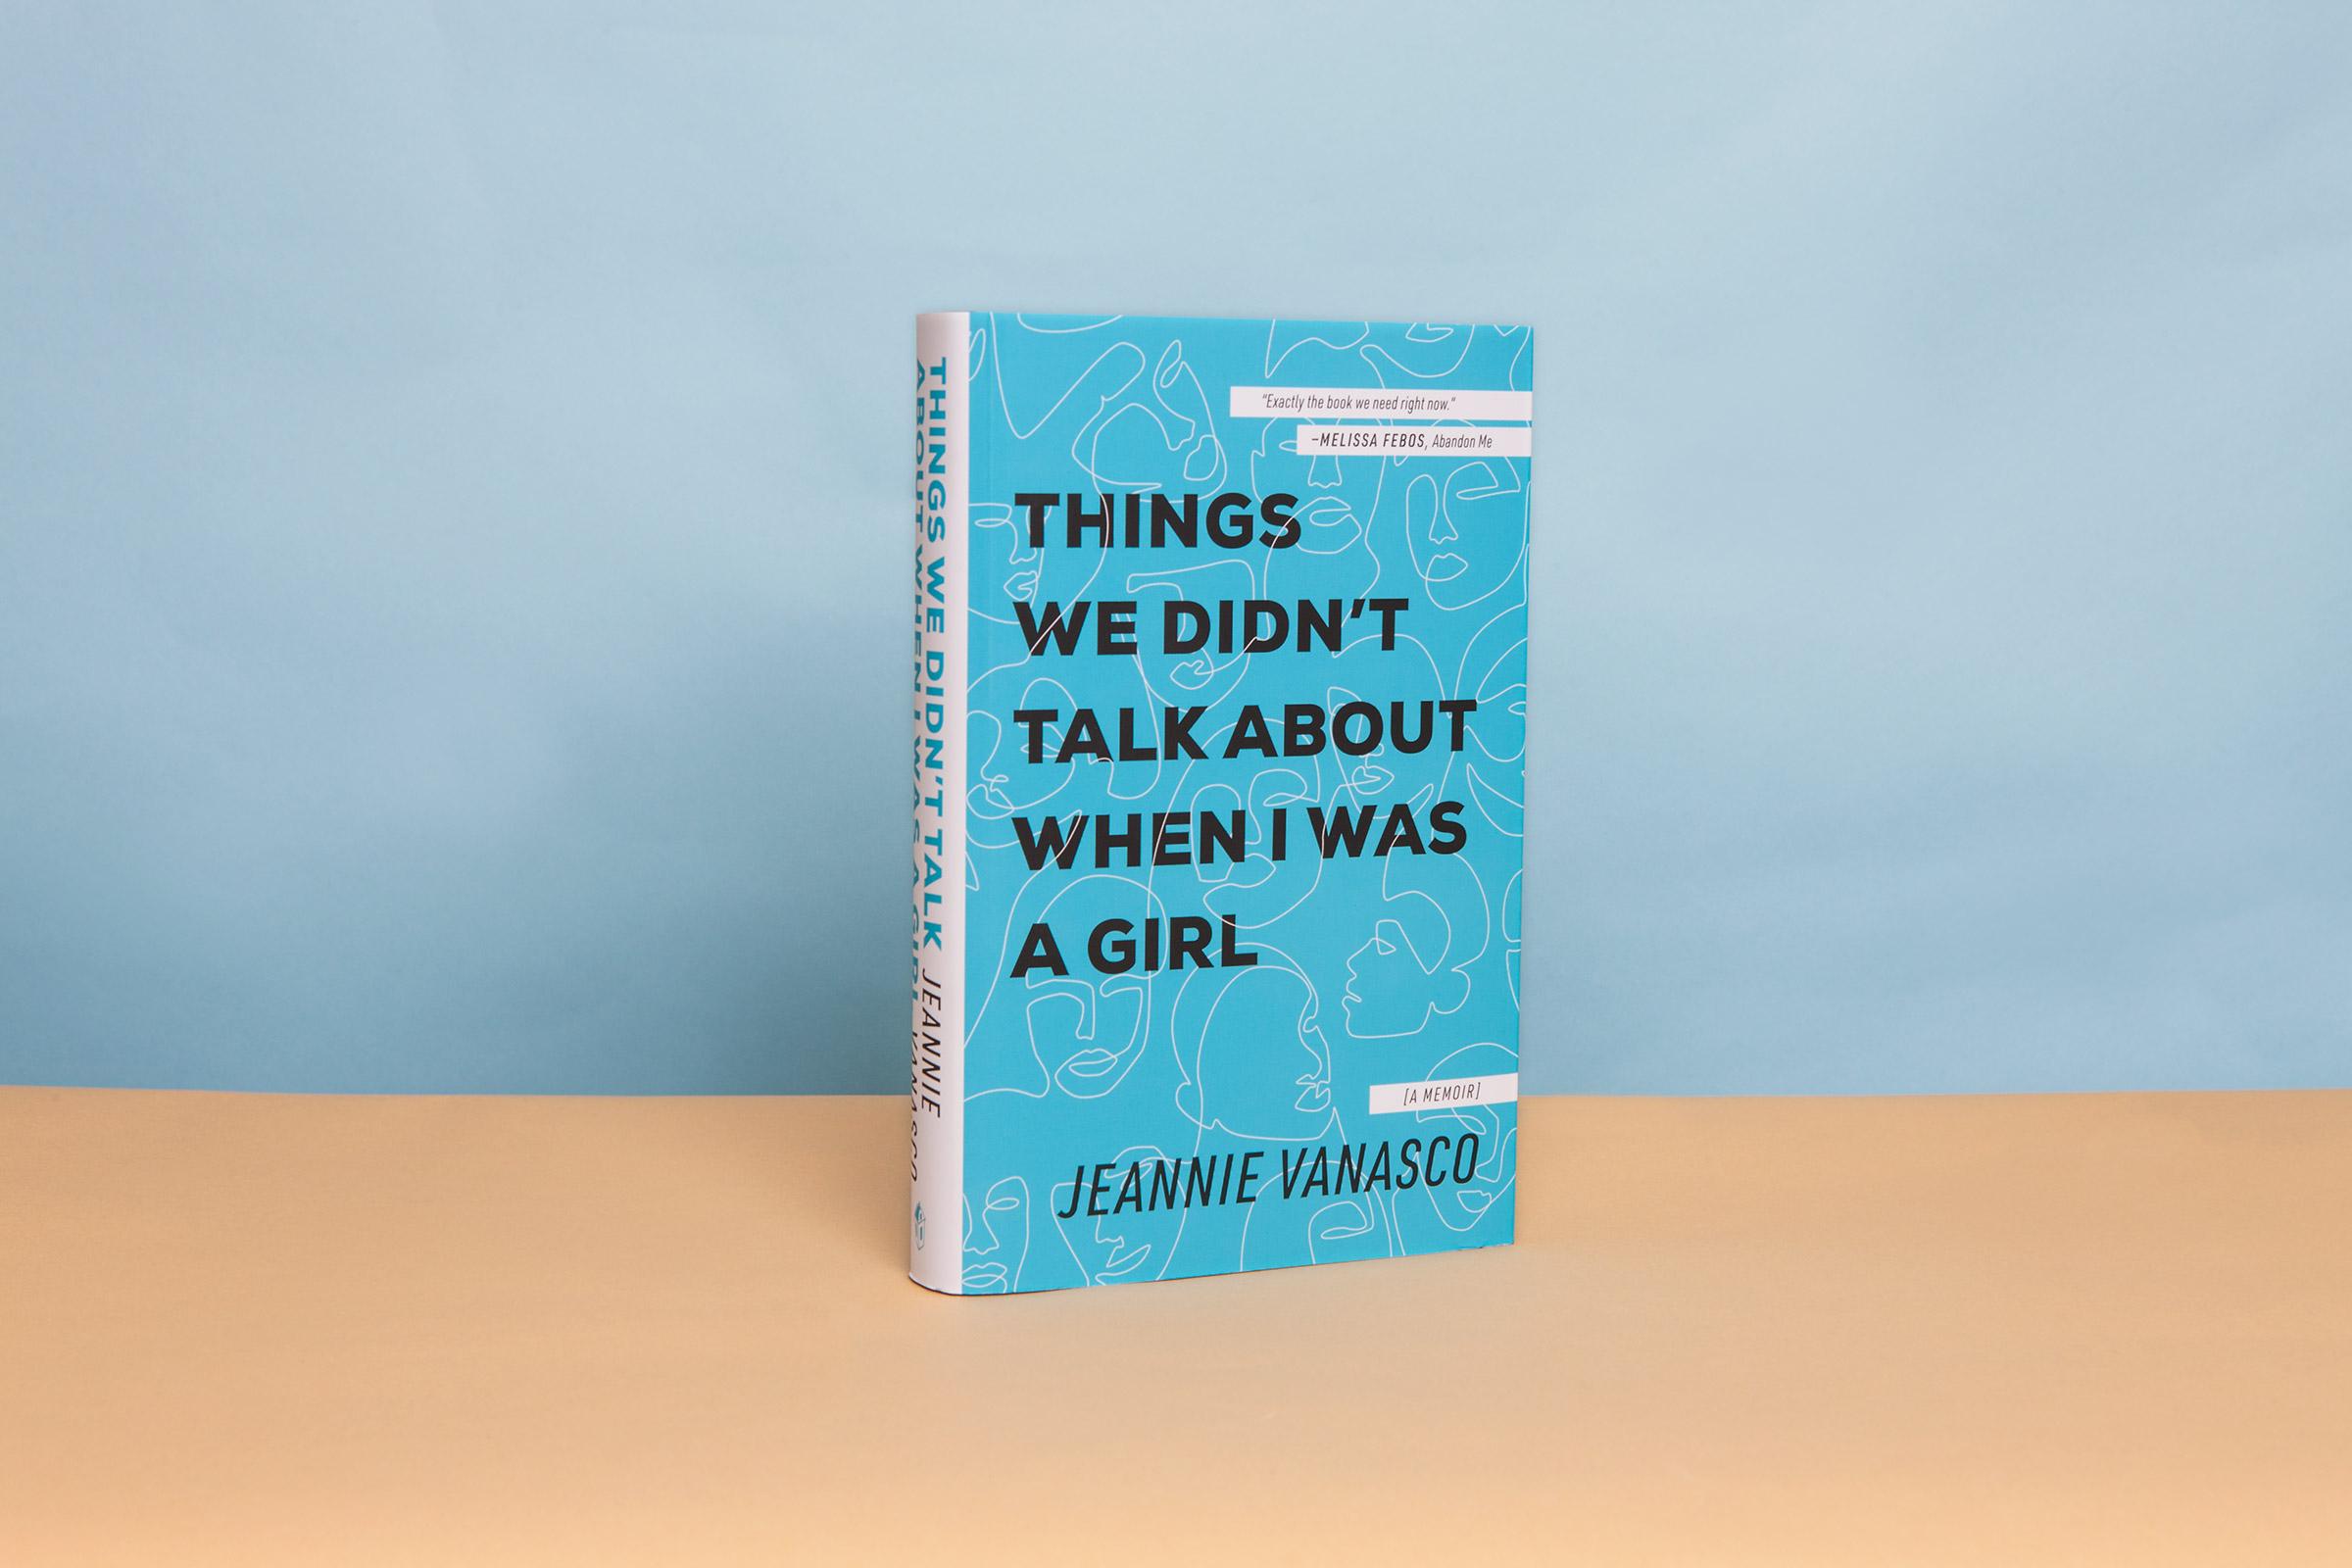 Vanasco's memoir features verbatim transcripts of her conversations with her attacker